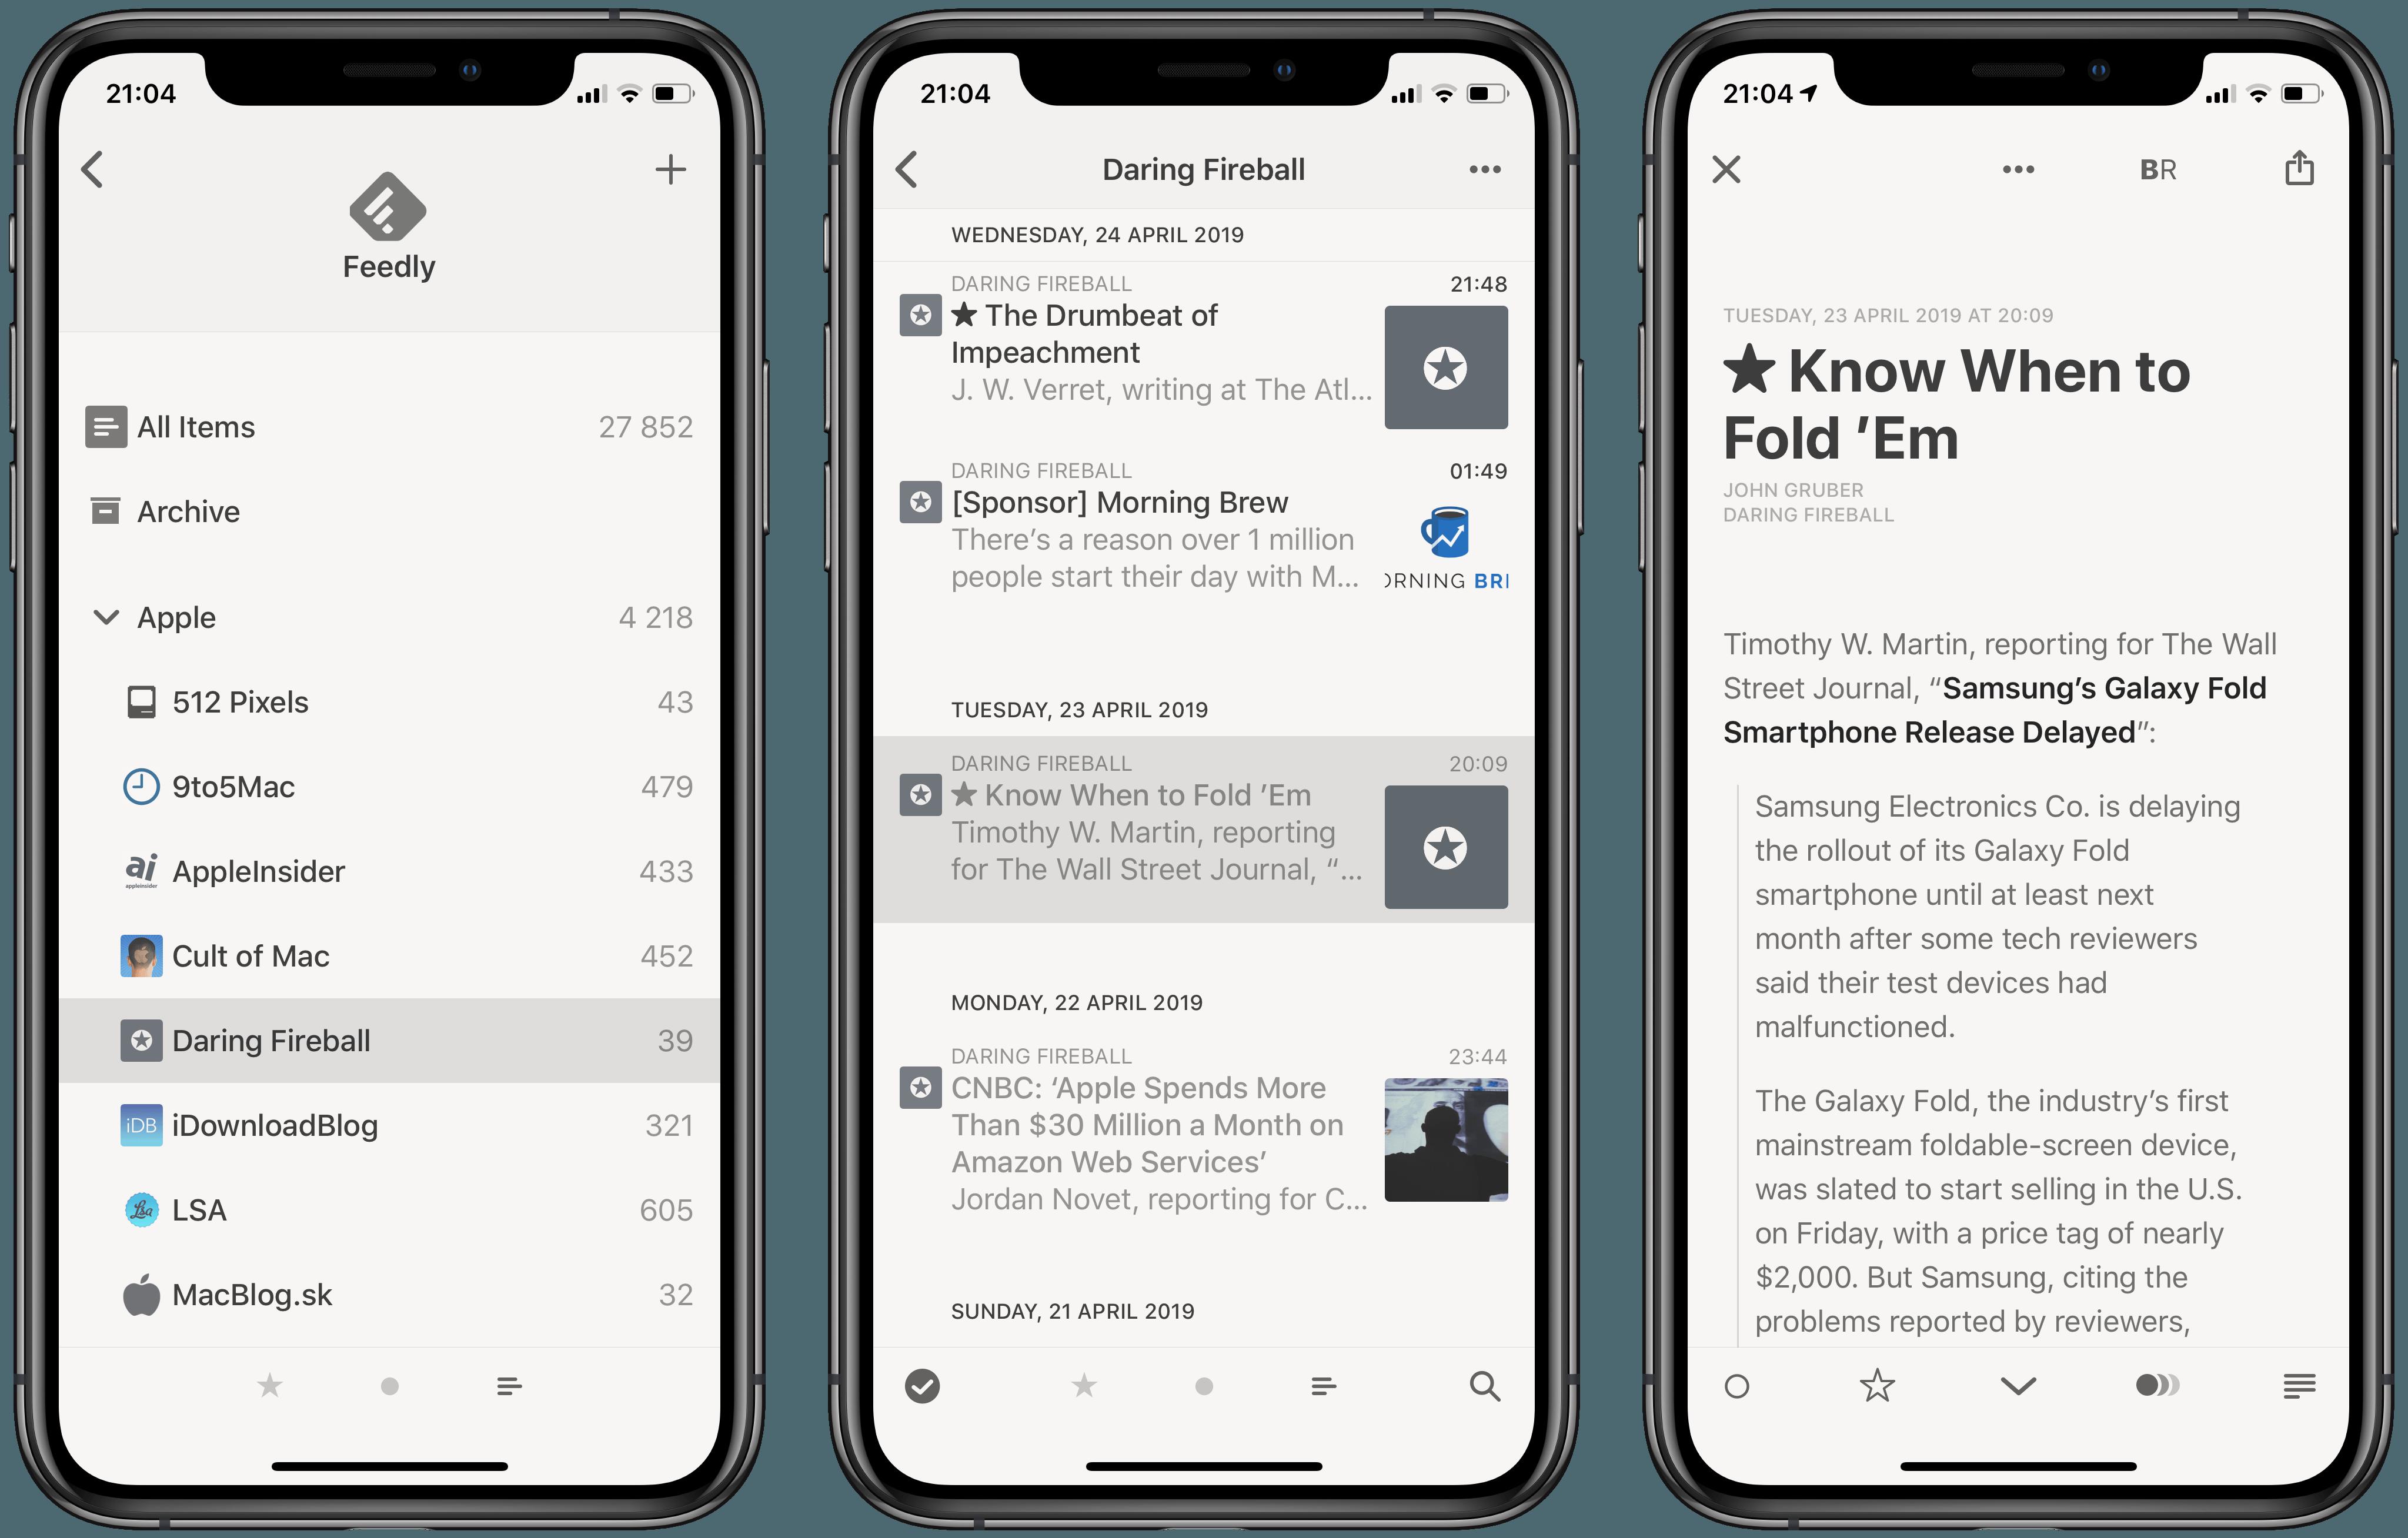 reeder 4 ios - Reeder 4: vyšla nová verzia najlepšej RSS čítačky na Mac a iOS